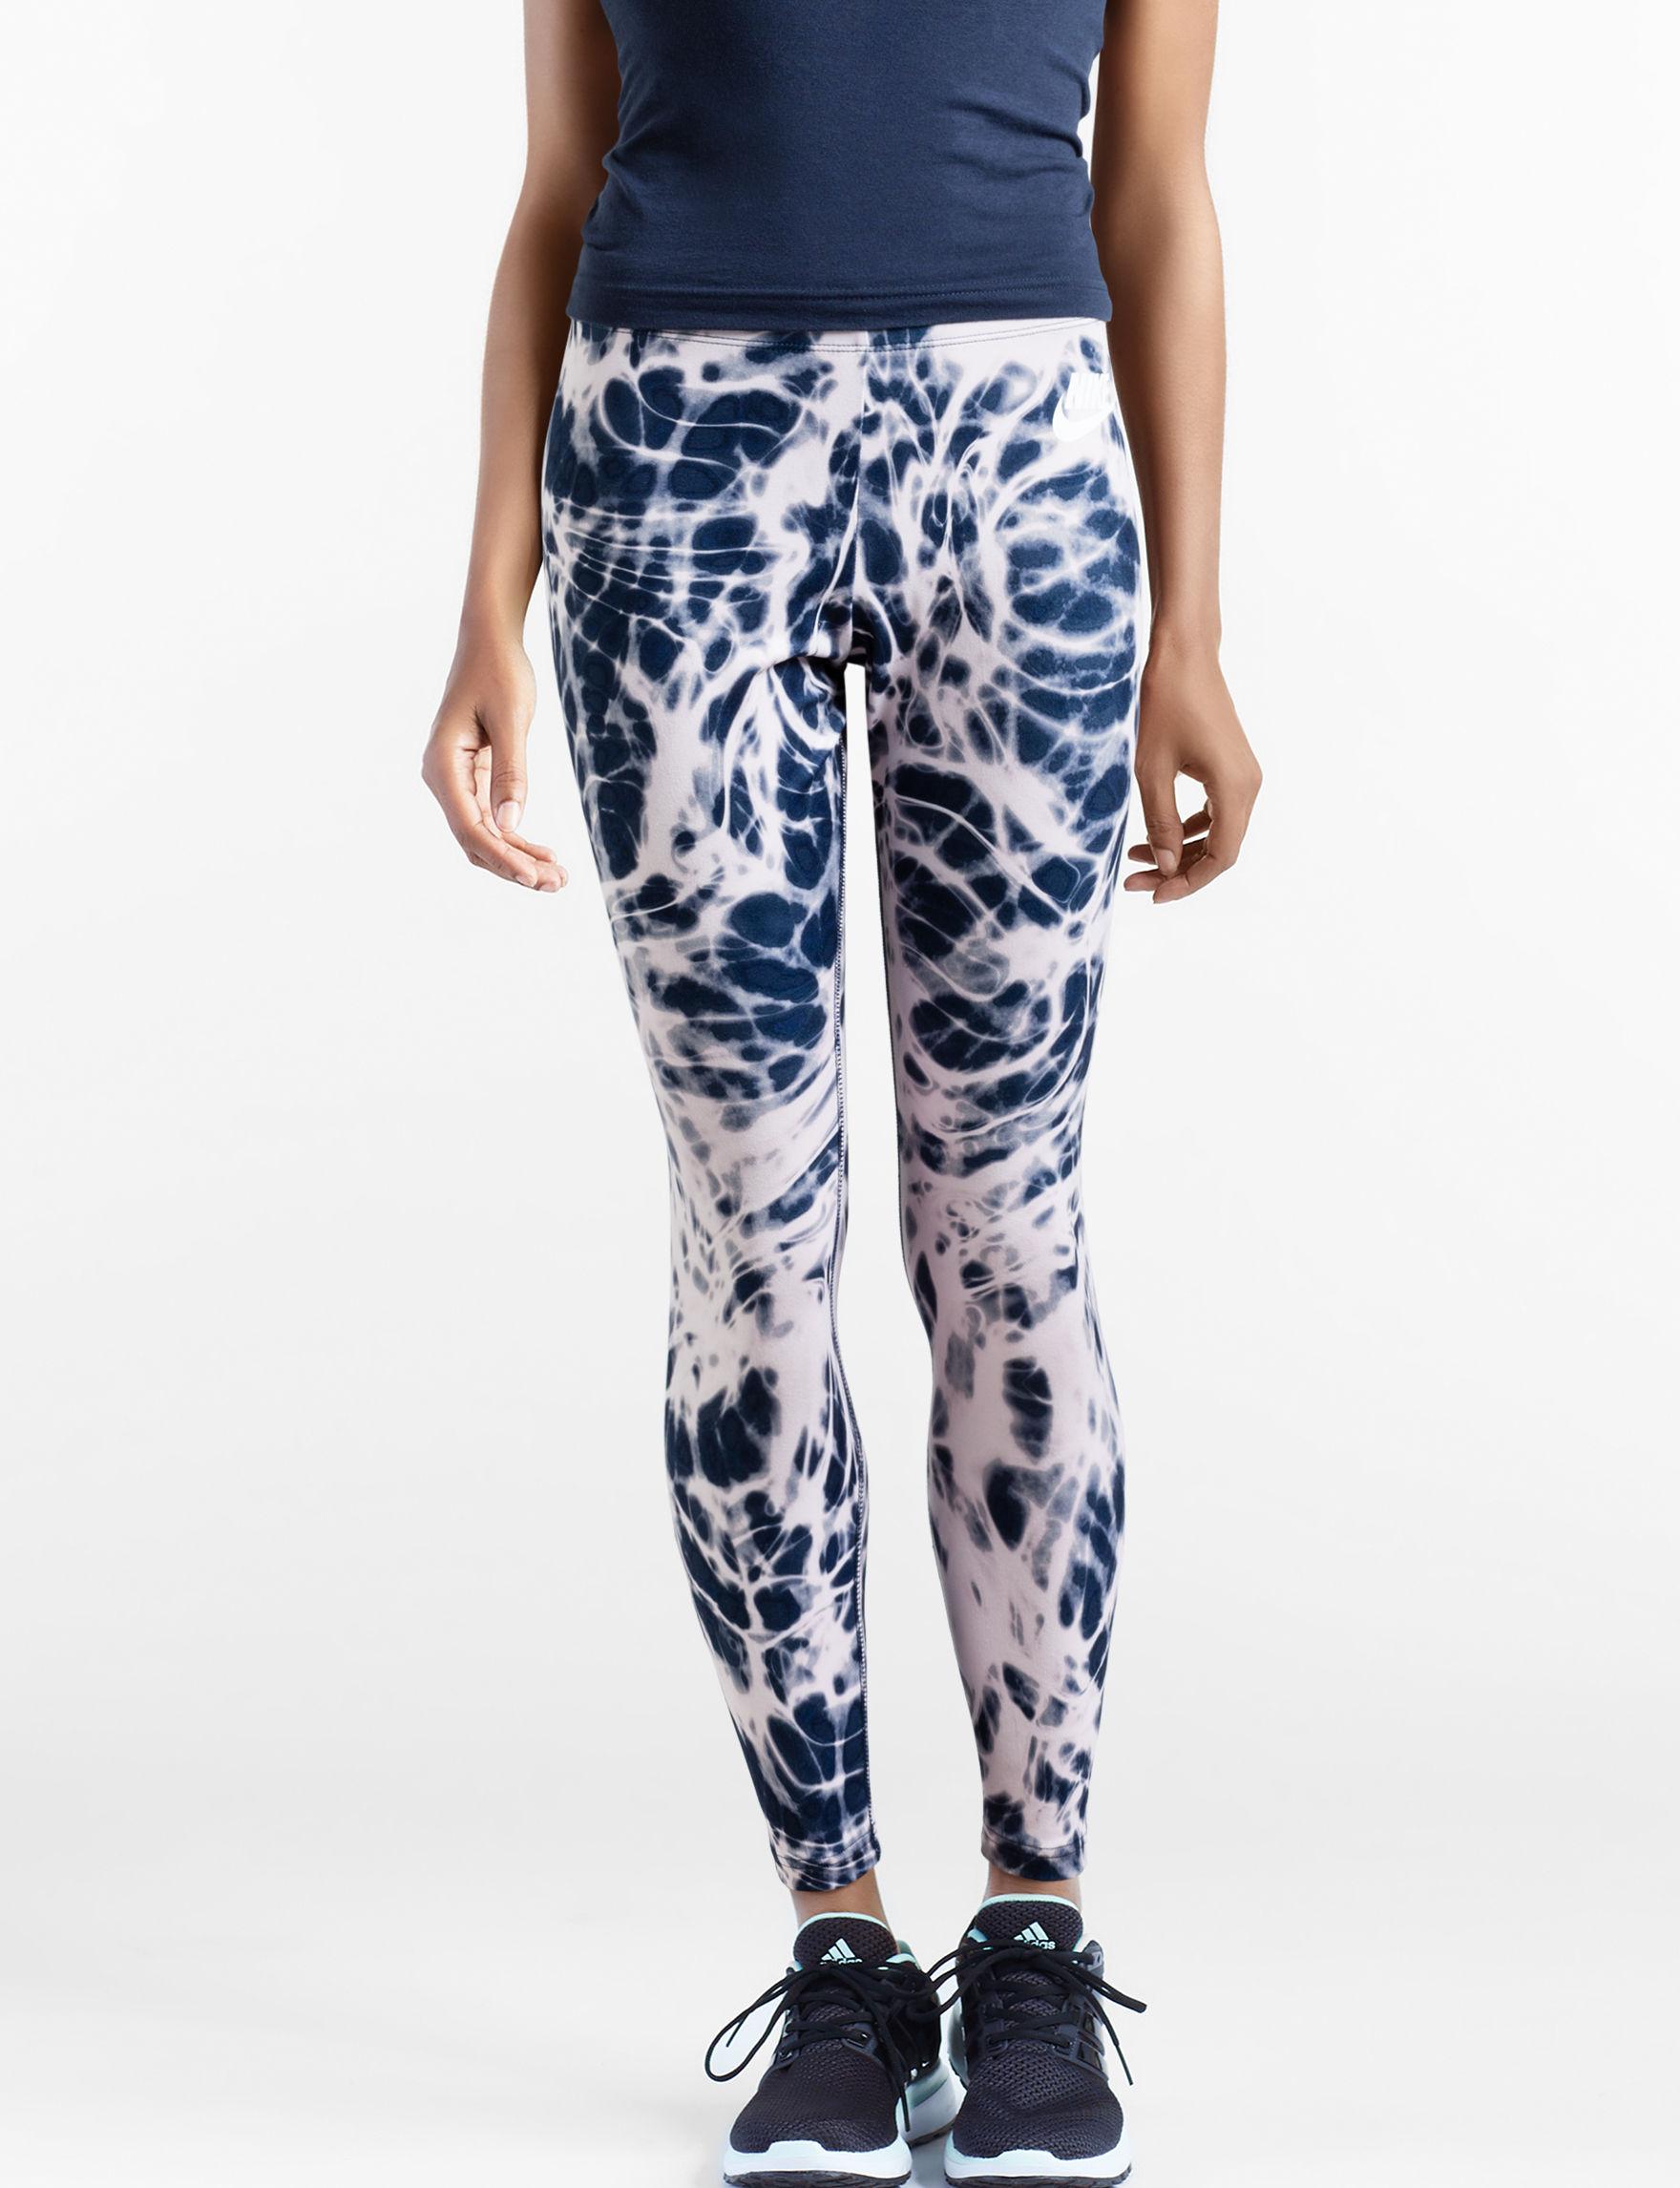 Nike Blue / White Leggings